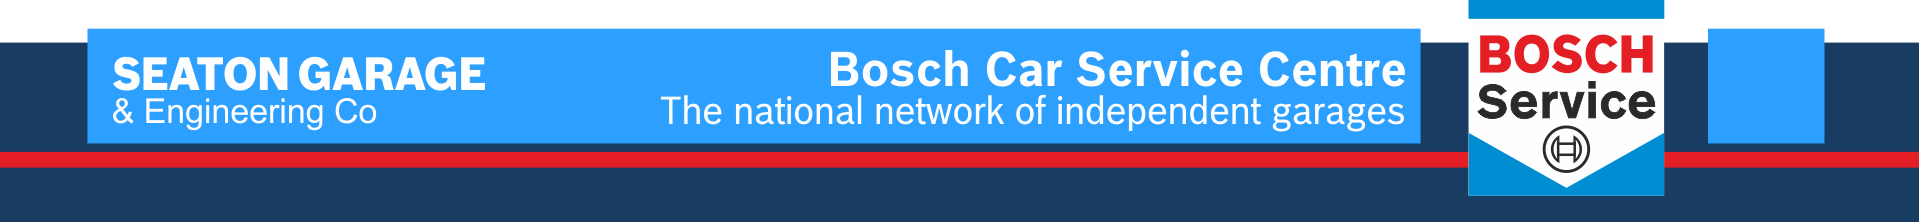 Site Bosch Banner1920